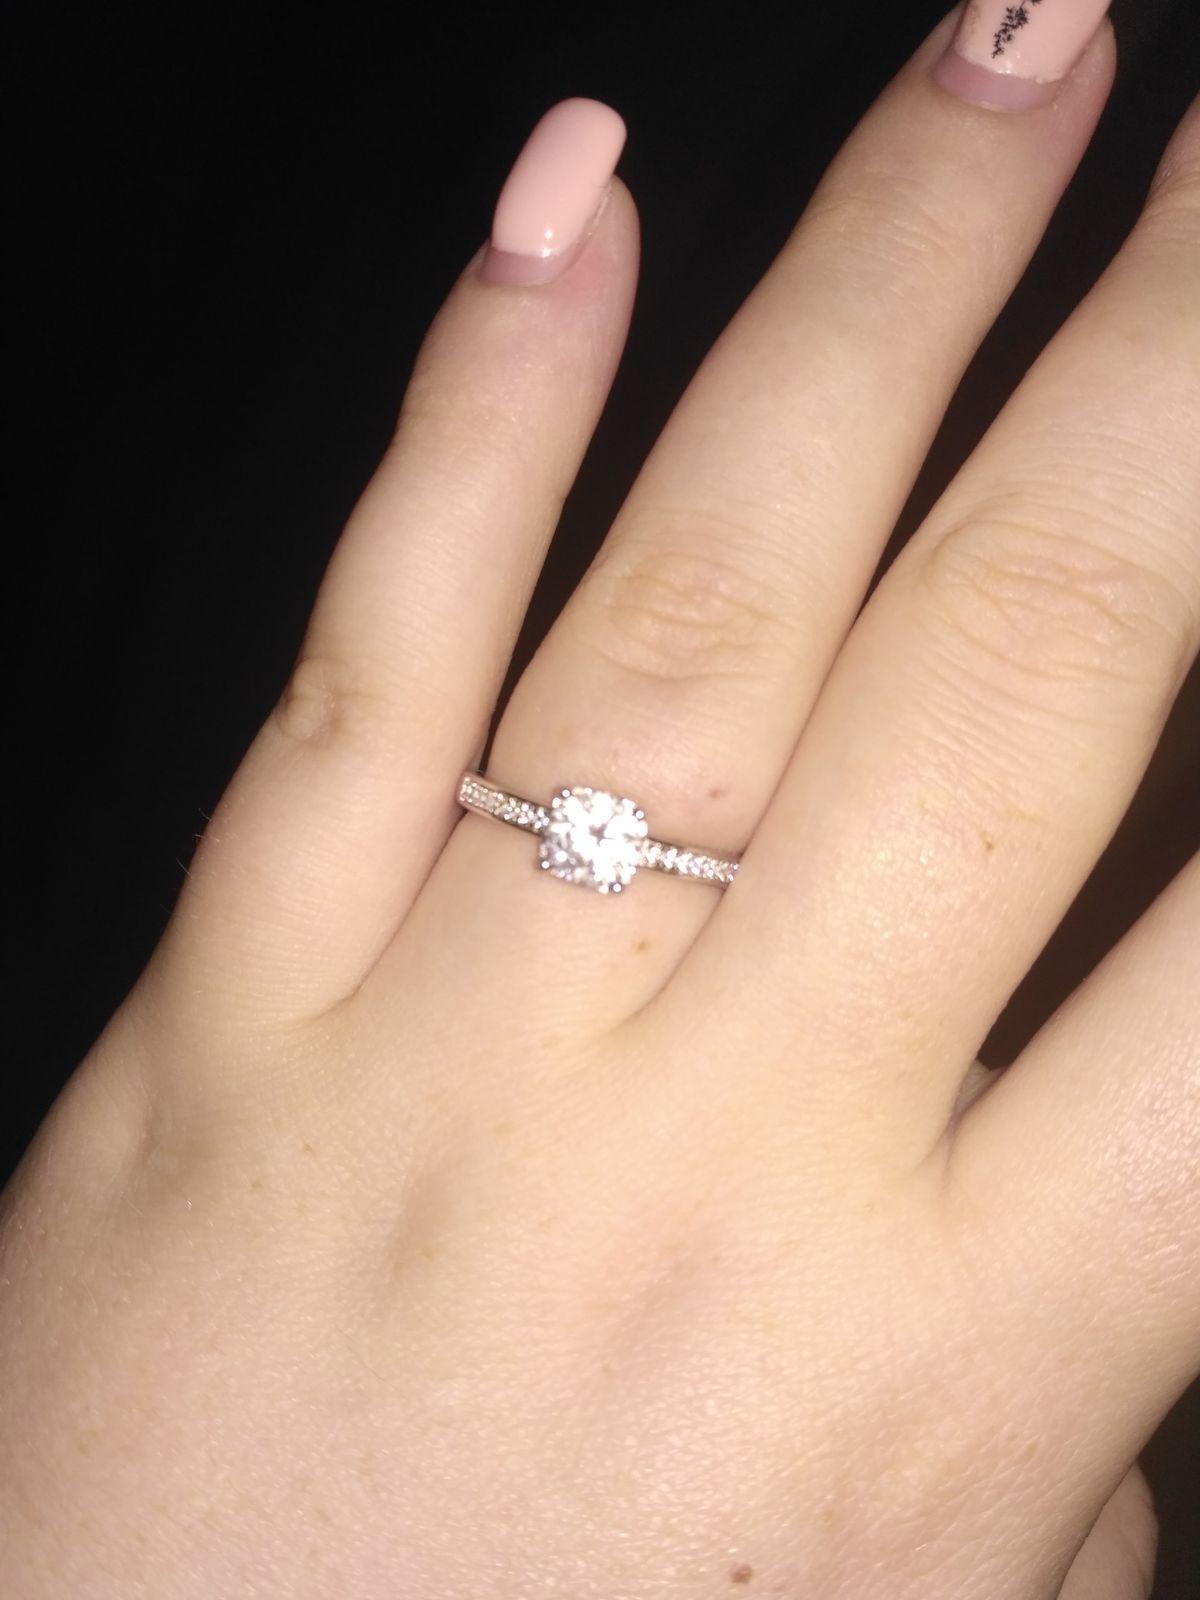 Супер замечательное кольцо